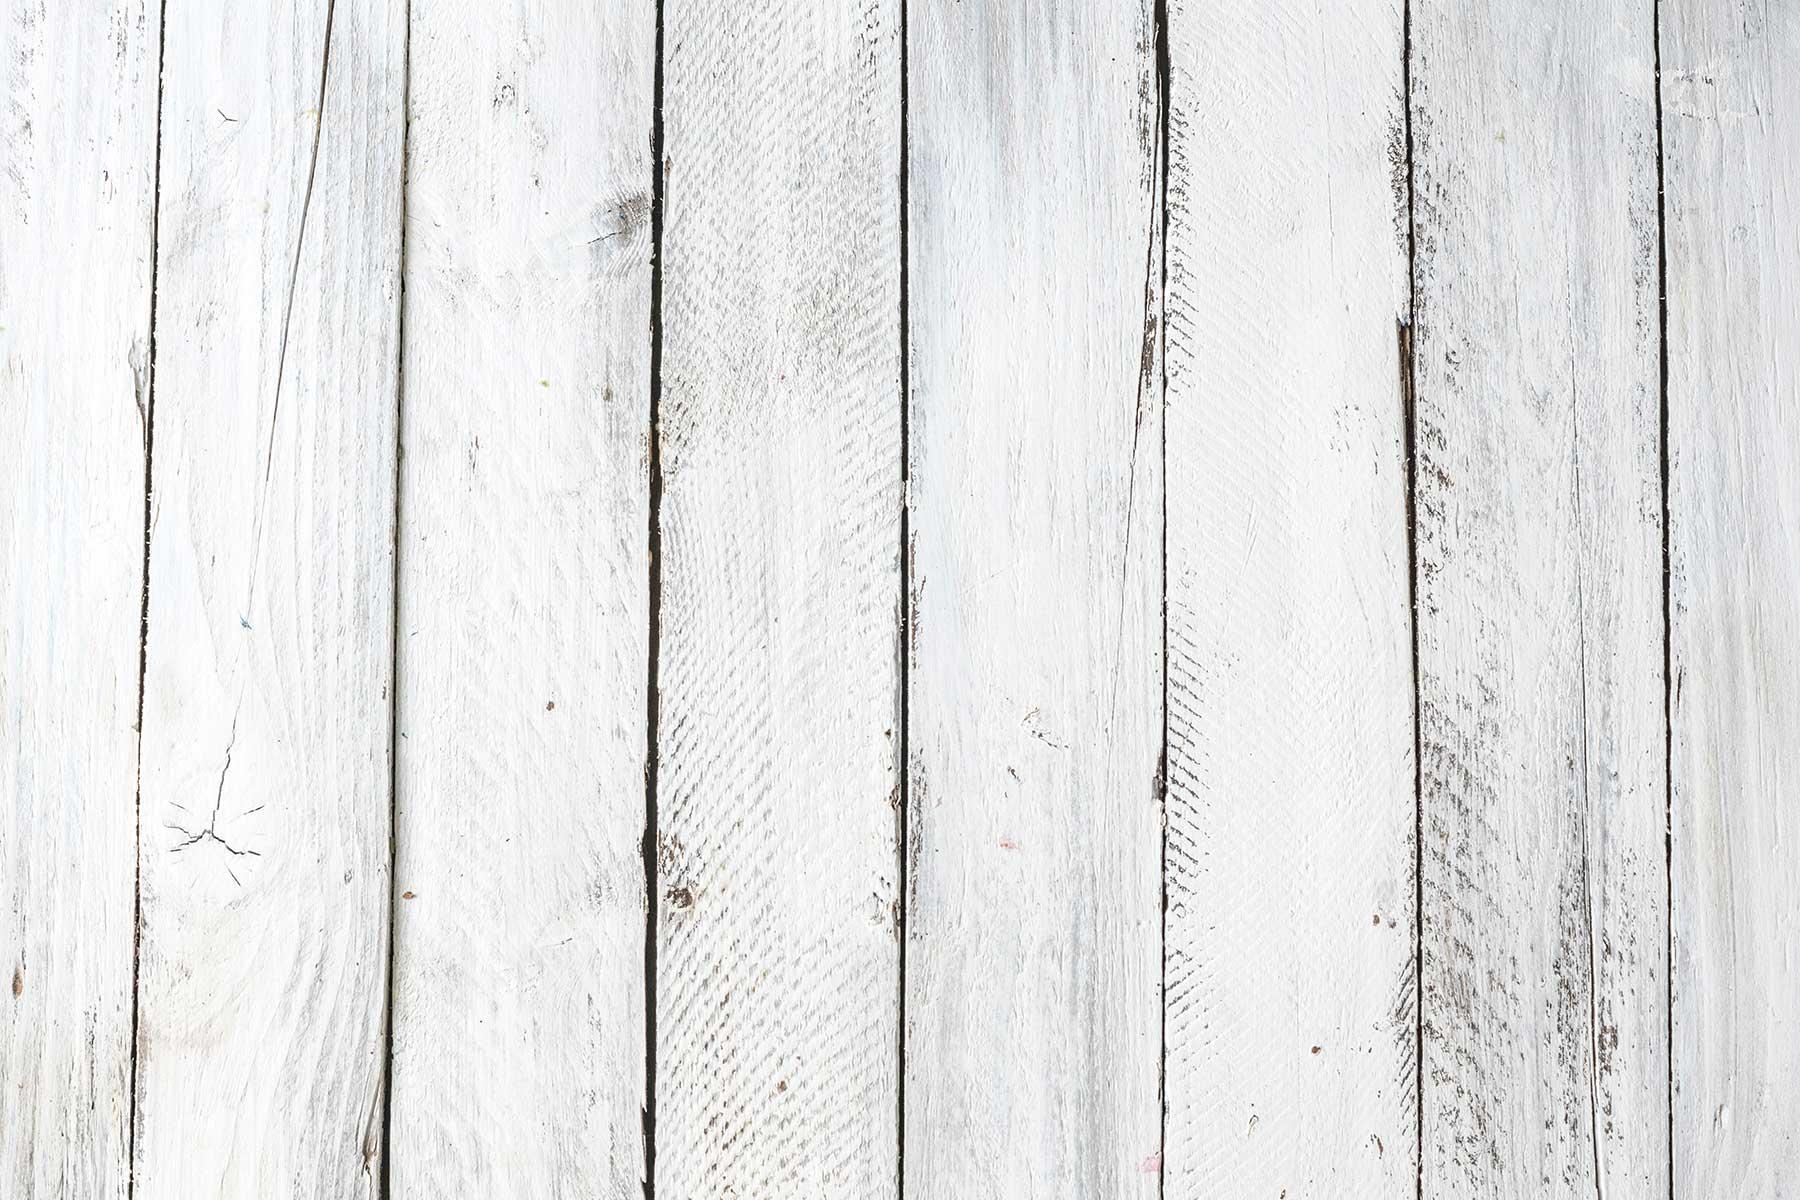 Shabby Chic Untergrund aus Holz